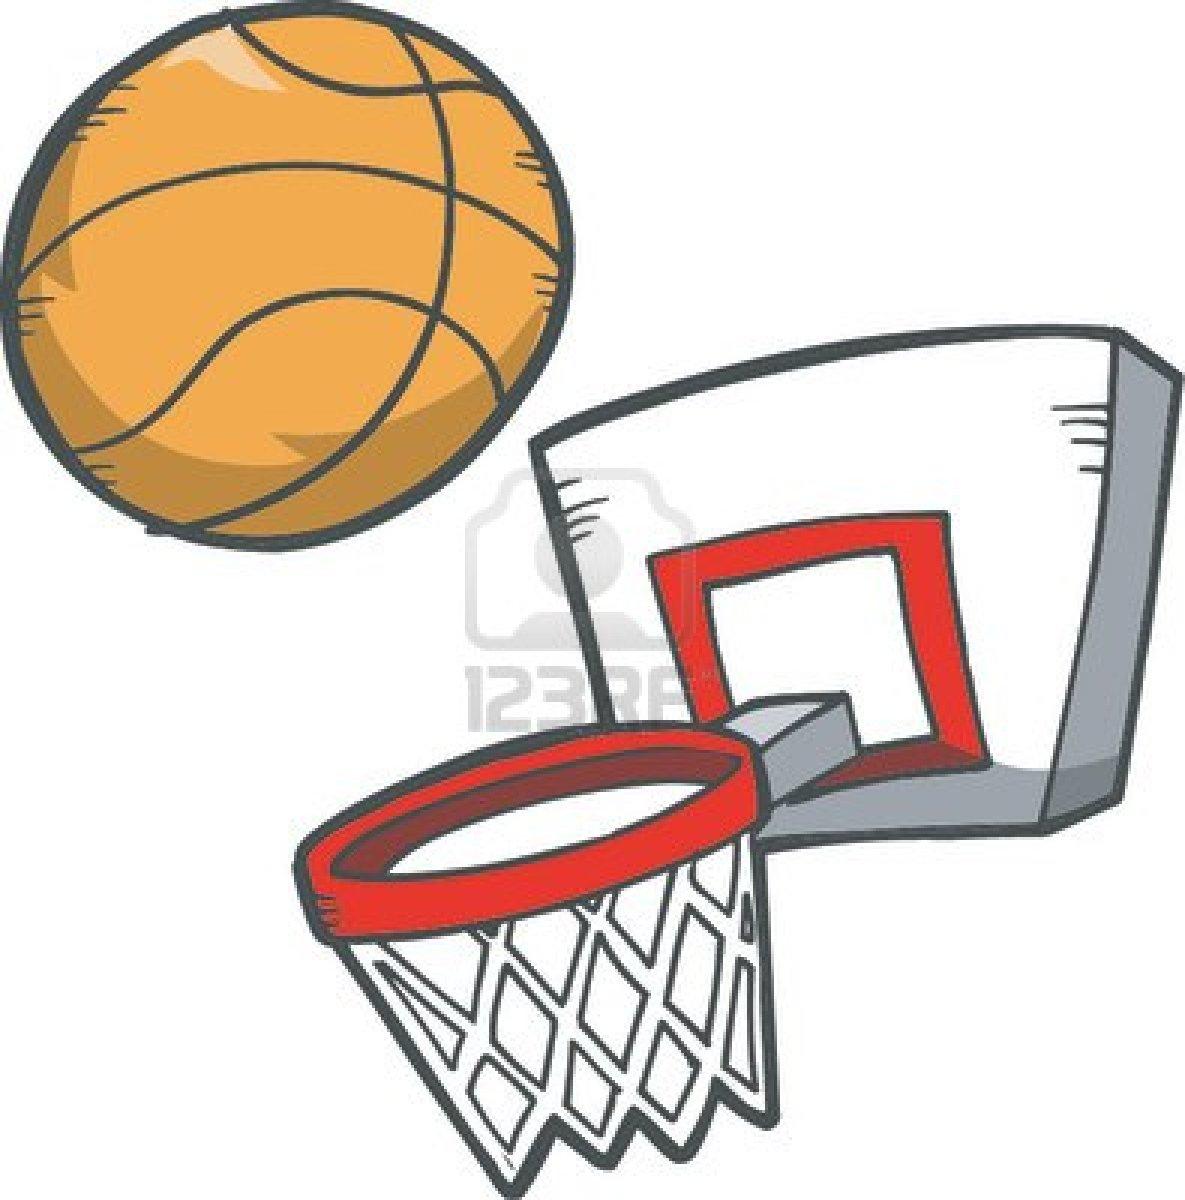 1185x1200 Clipart Basketball Hoop